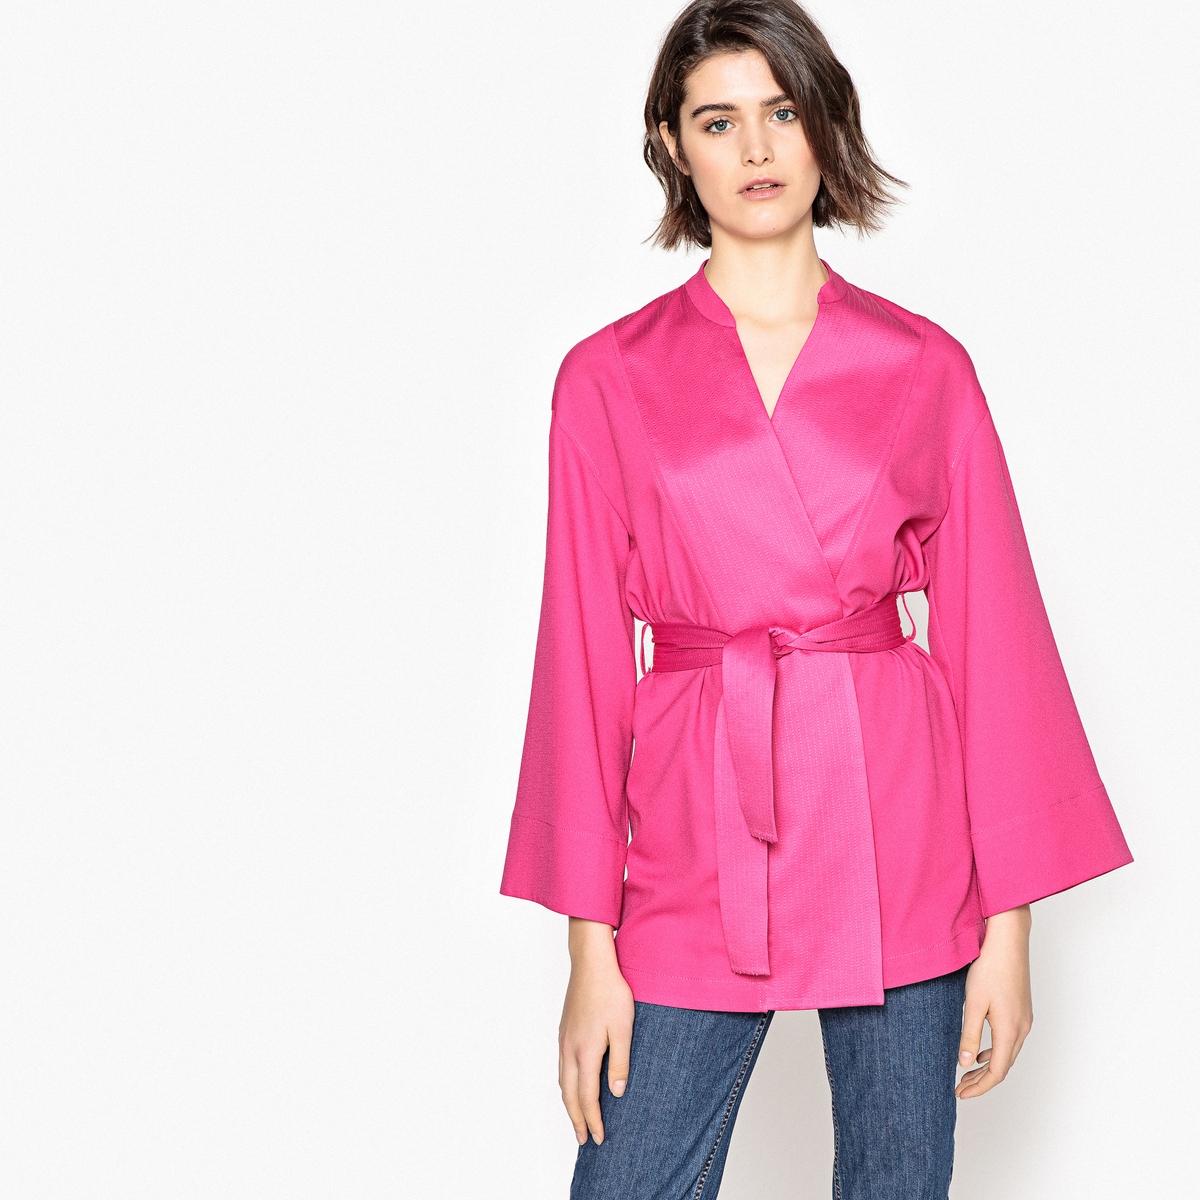 Кимоно La Redoute Средней длины 34 (FR) - 40 (RUS) розовый цены